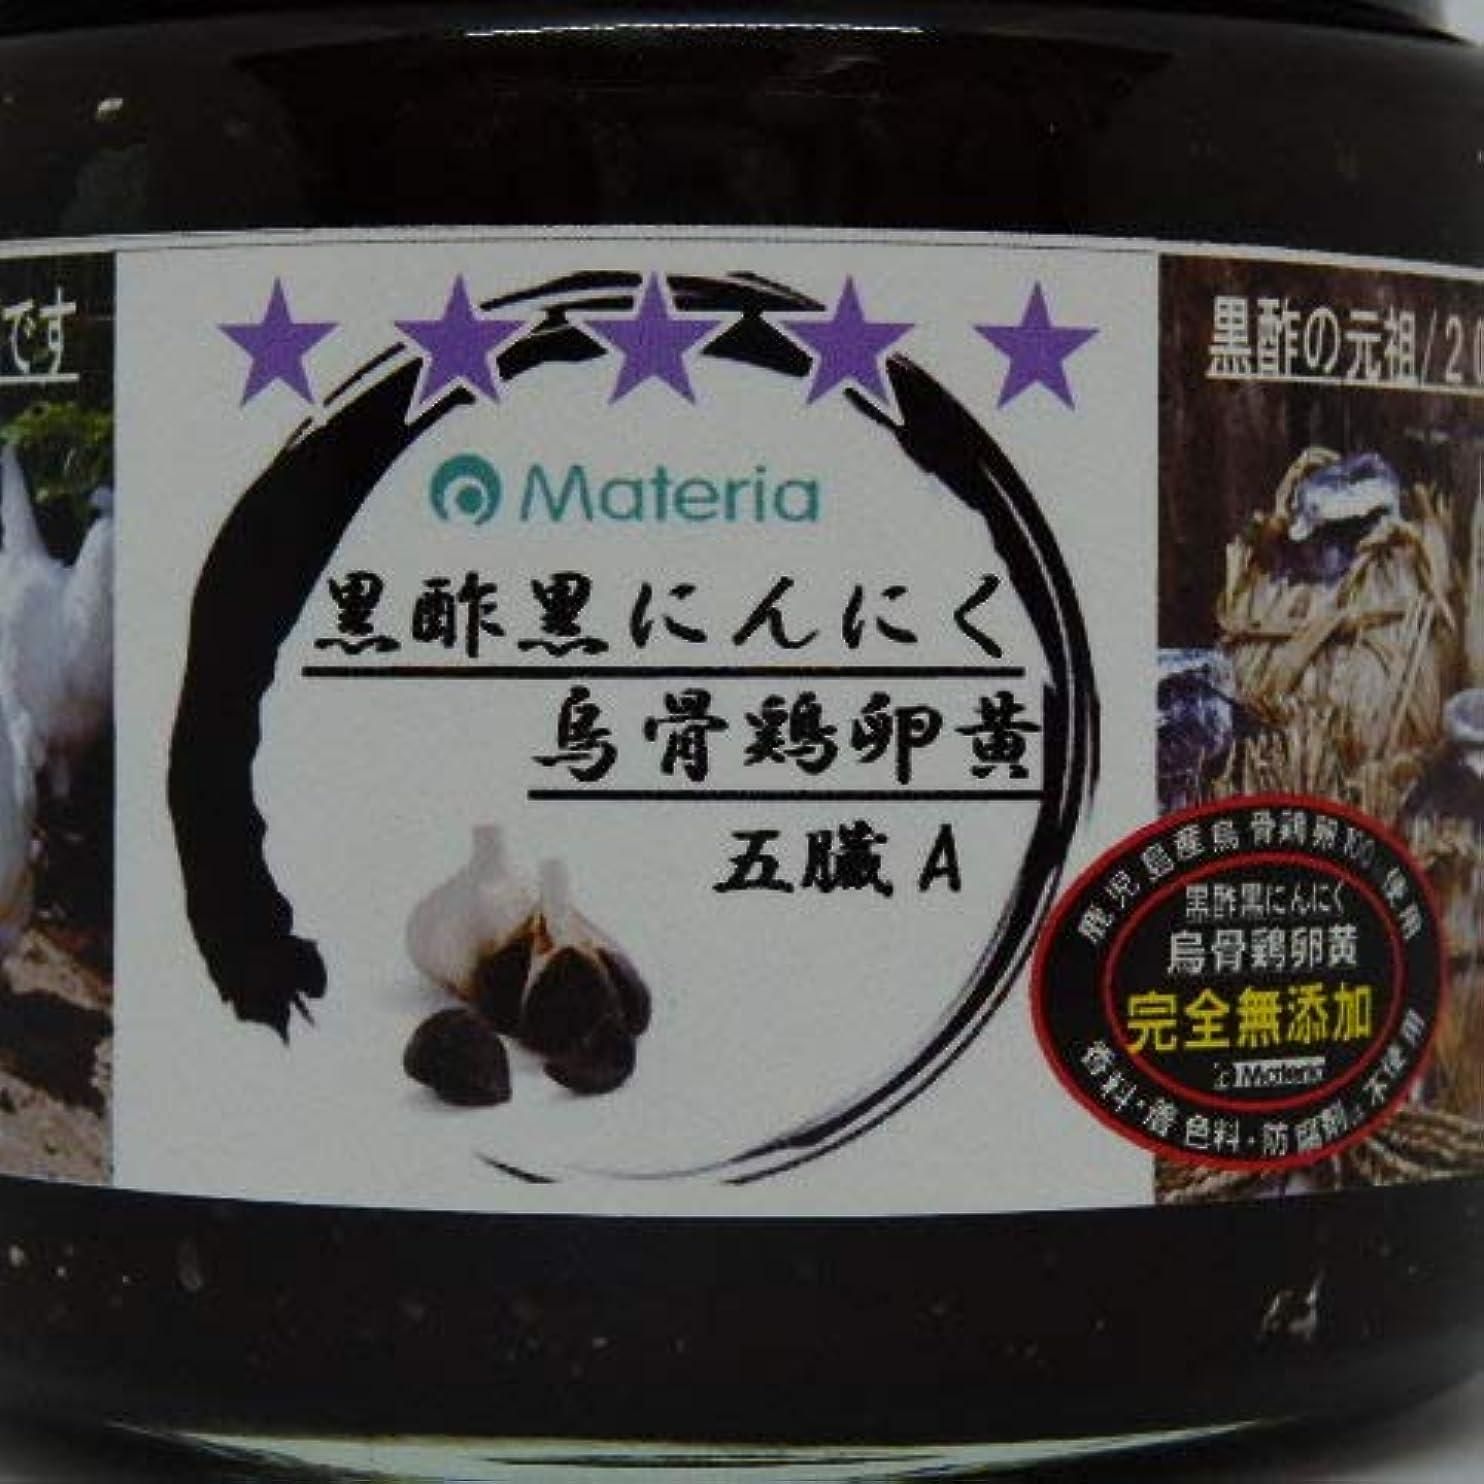 機密武器浮く無添加健康食品/黒酢黒にんにく烏骨鶏卵黄/五臓系ペ-スト早溶150g(1月分)¥11,600